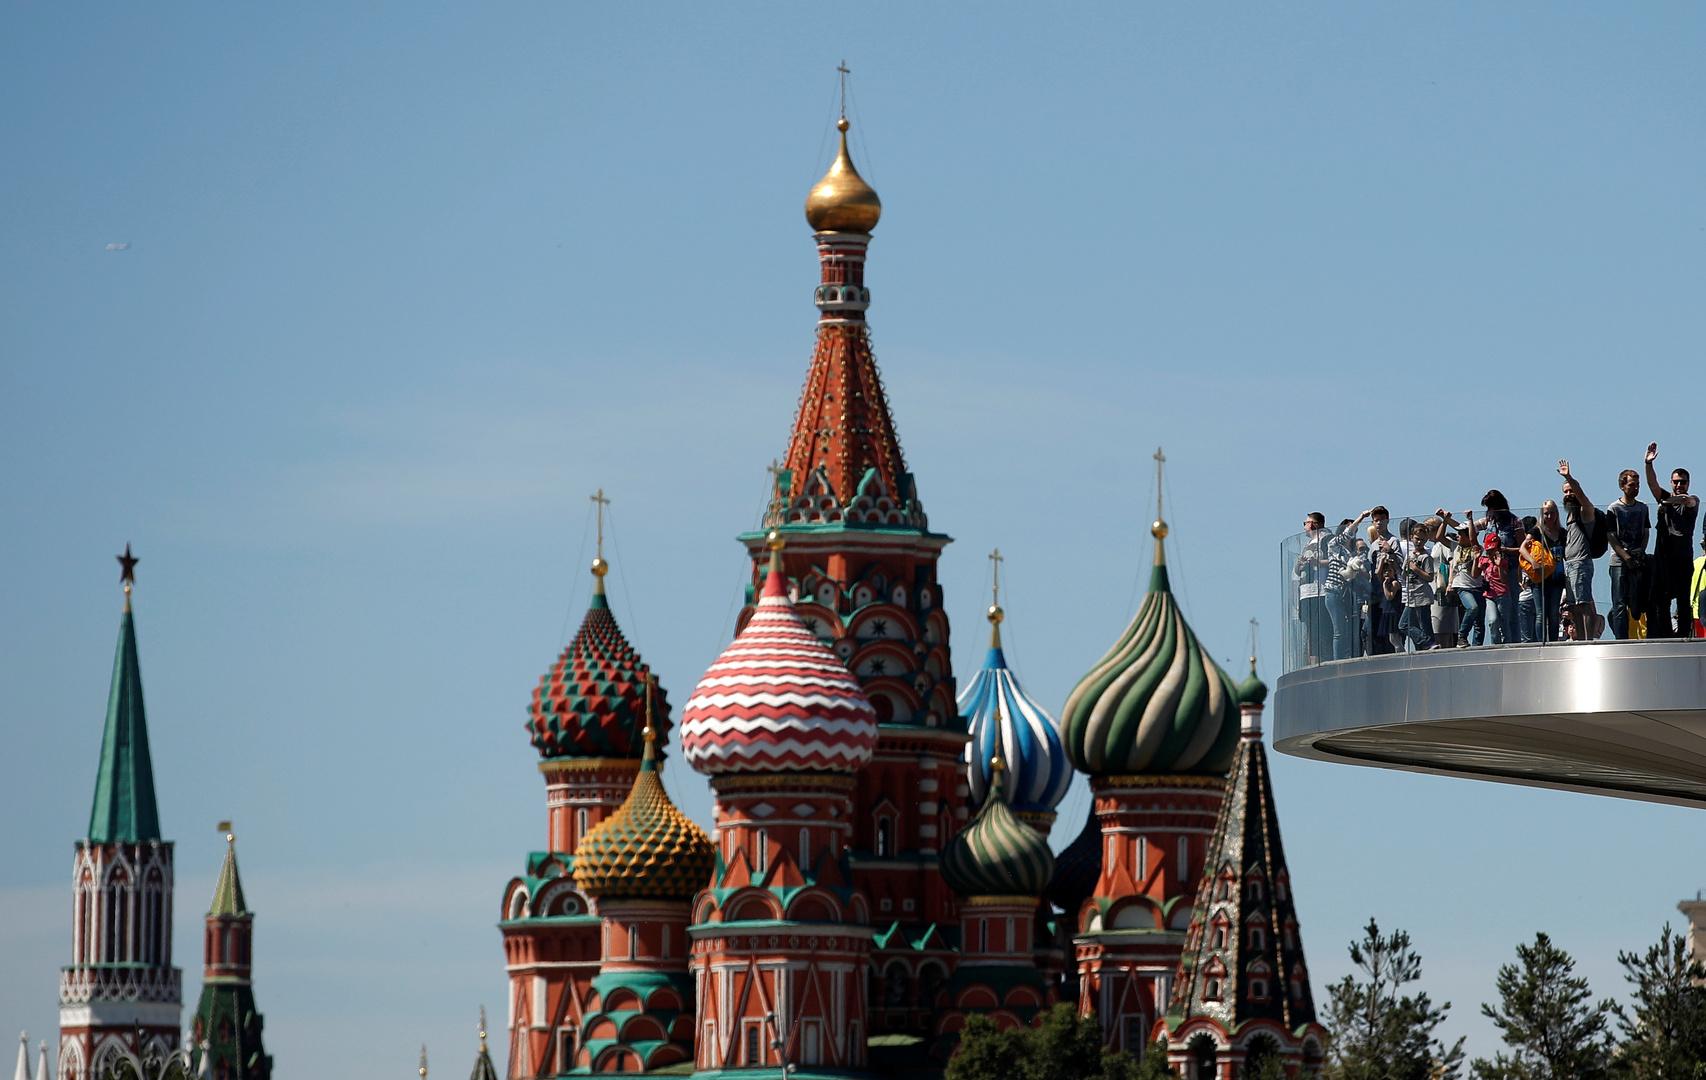 دخول اتفاقية إلغاء تأشيرة الدخول للقطريين إلى روسيا حيز التنفيذ